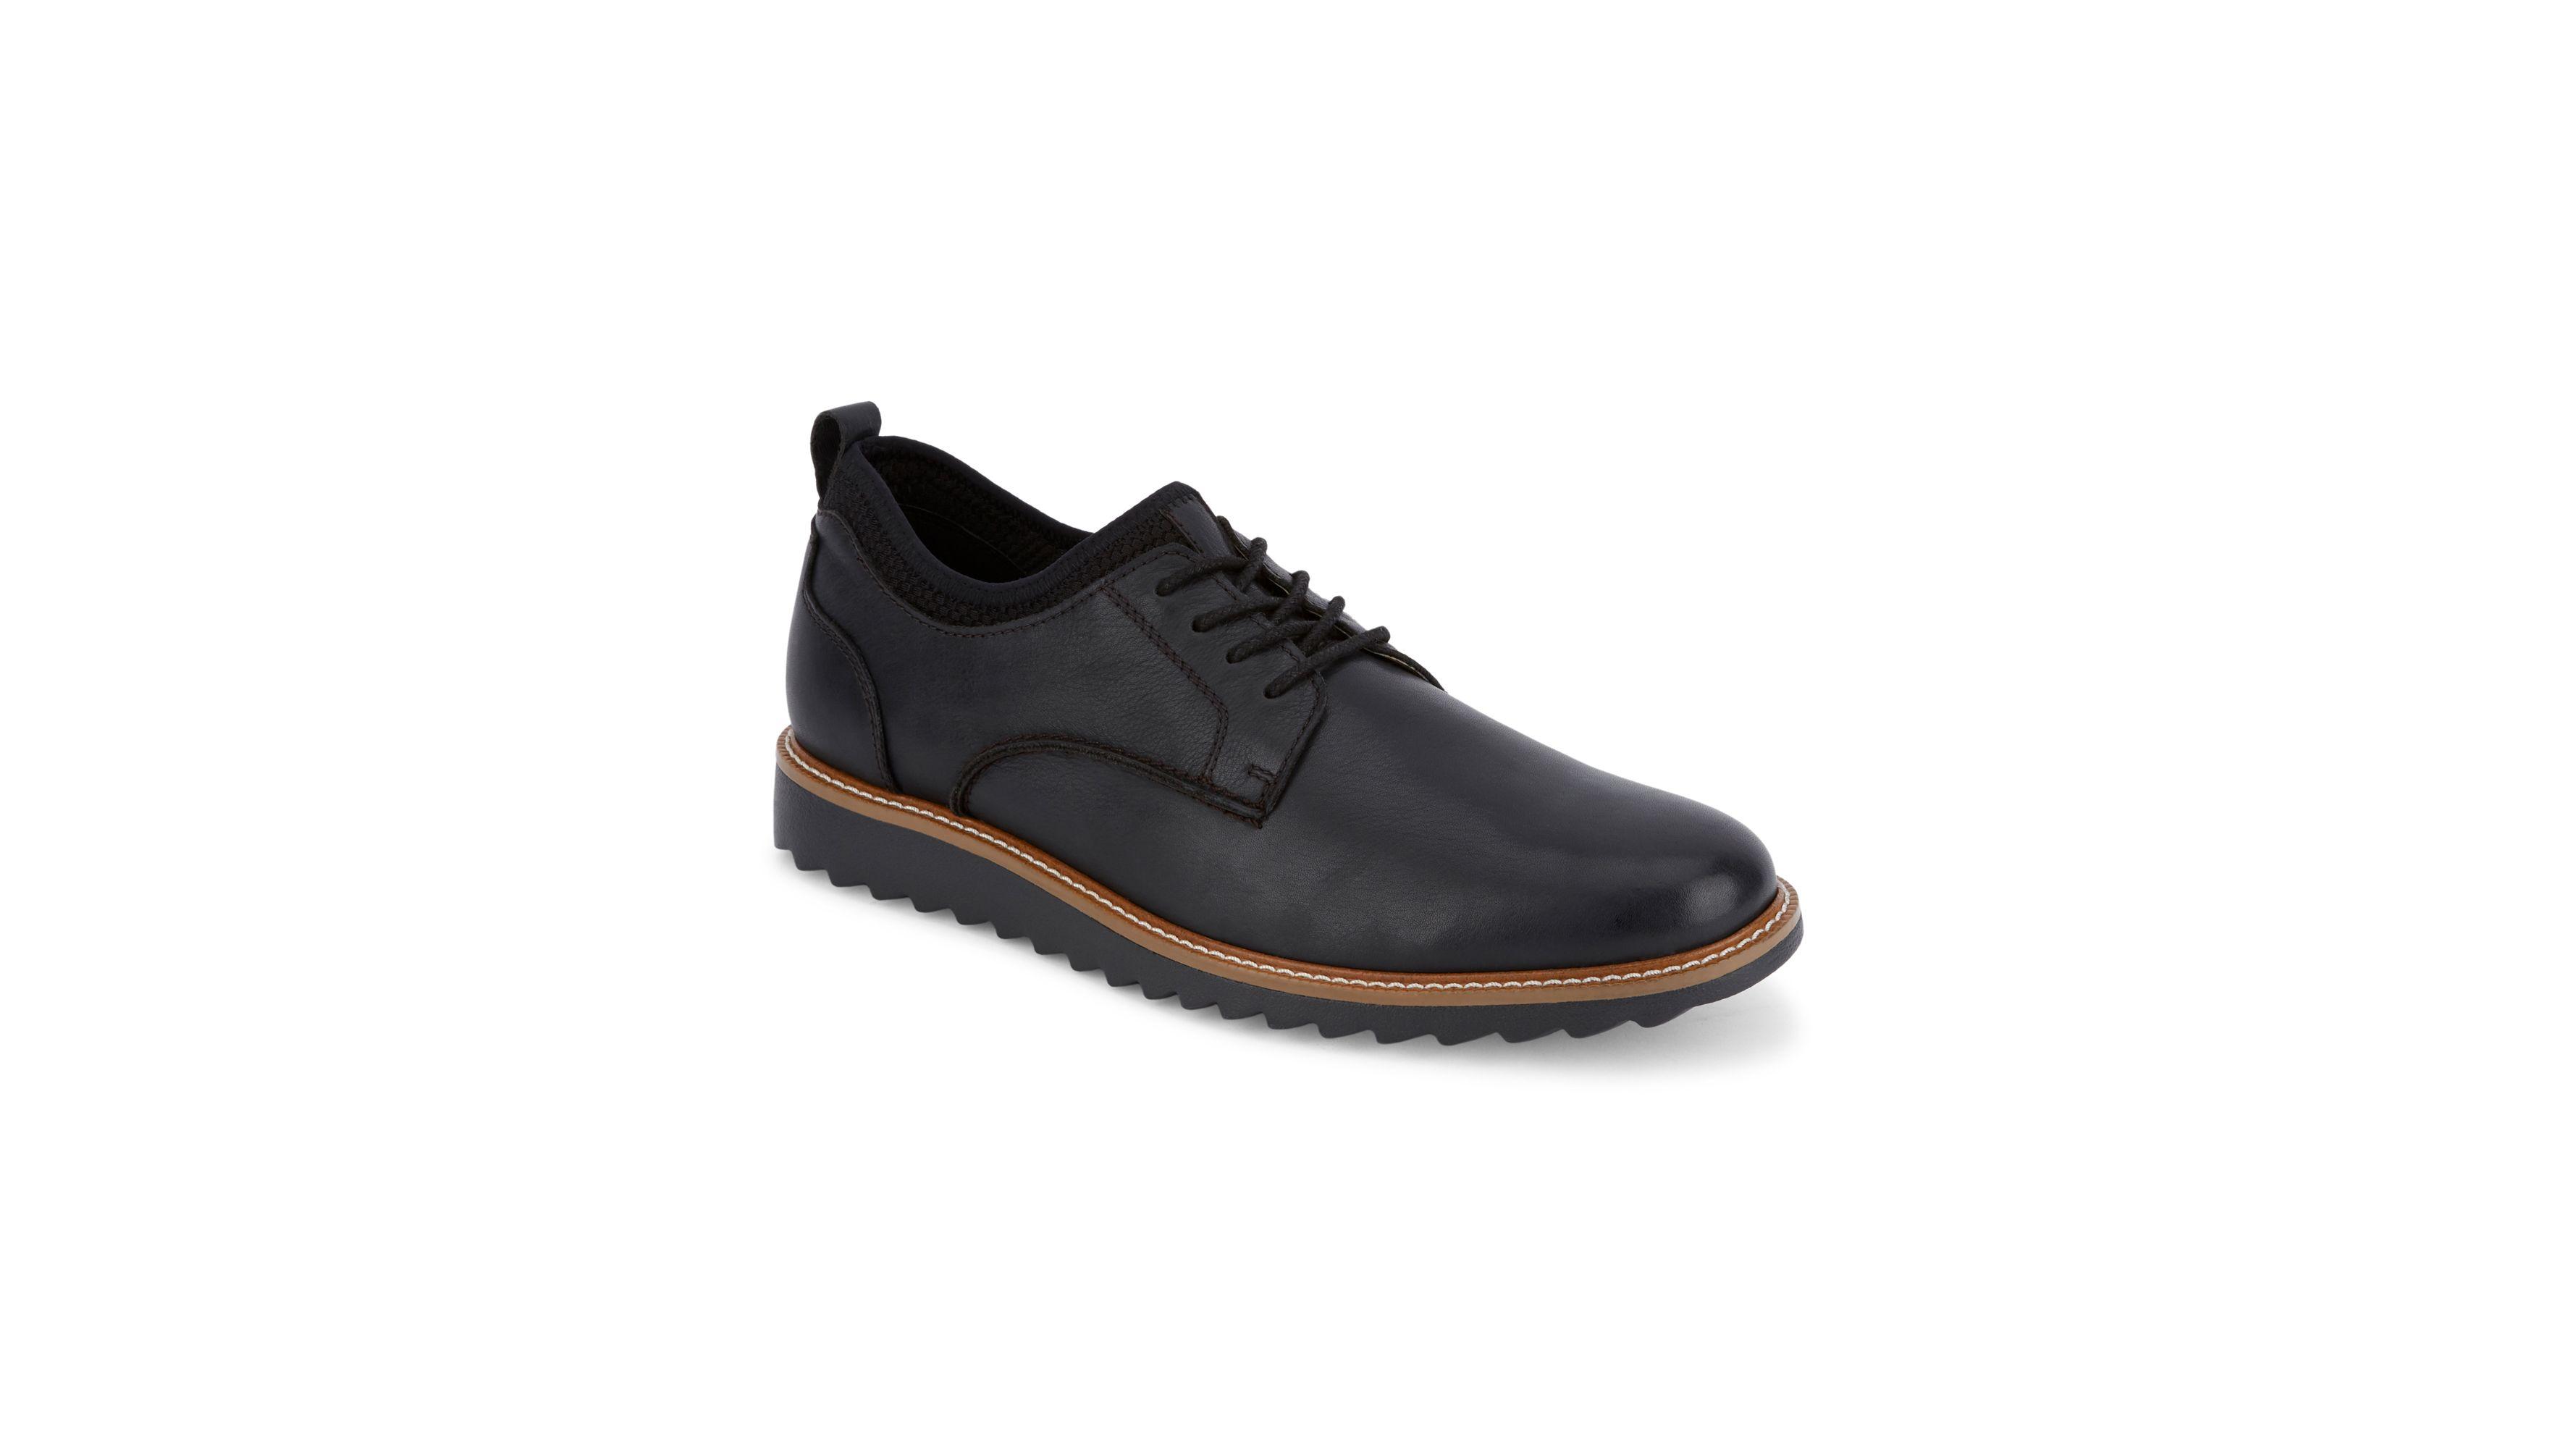 995c687f1296 Elon Shoes With Smart 360 Flex™ Liner - Black S90407240